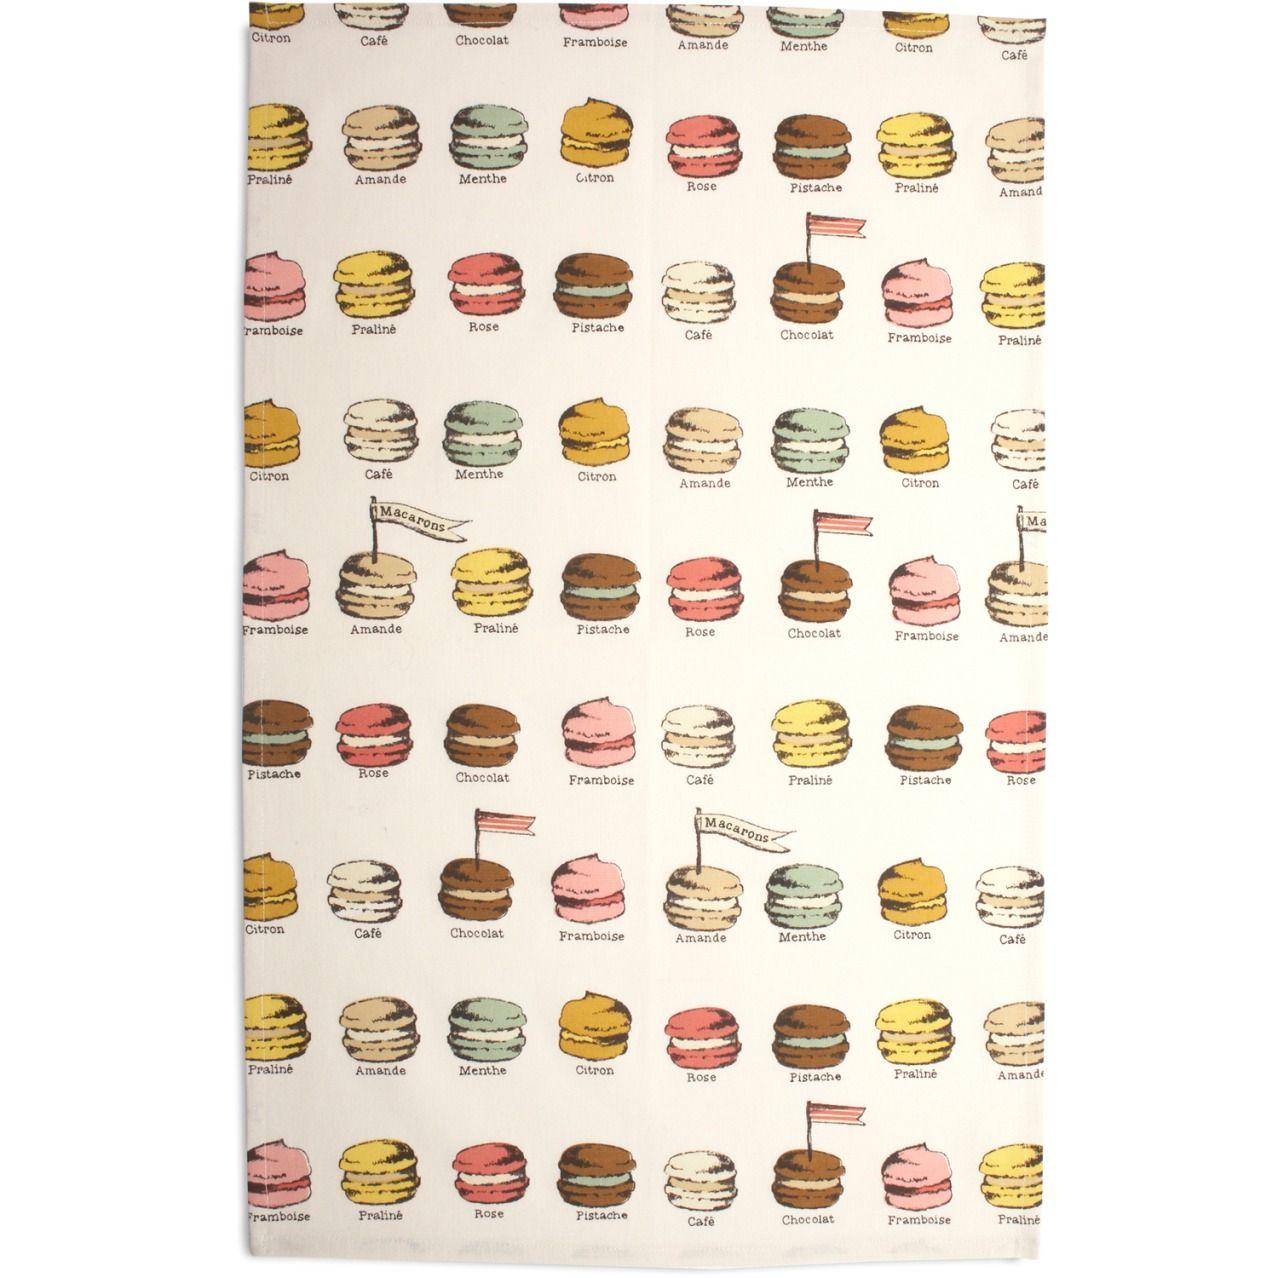 Flavored Macarons Kitchen Towel Sur La Table Kitchen Linens Linen Kitchen Towels Kitchen Towels